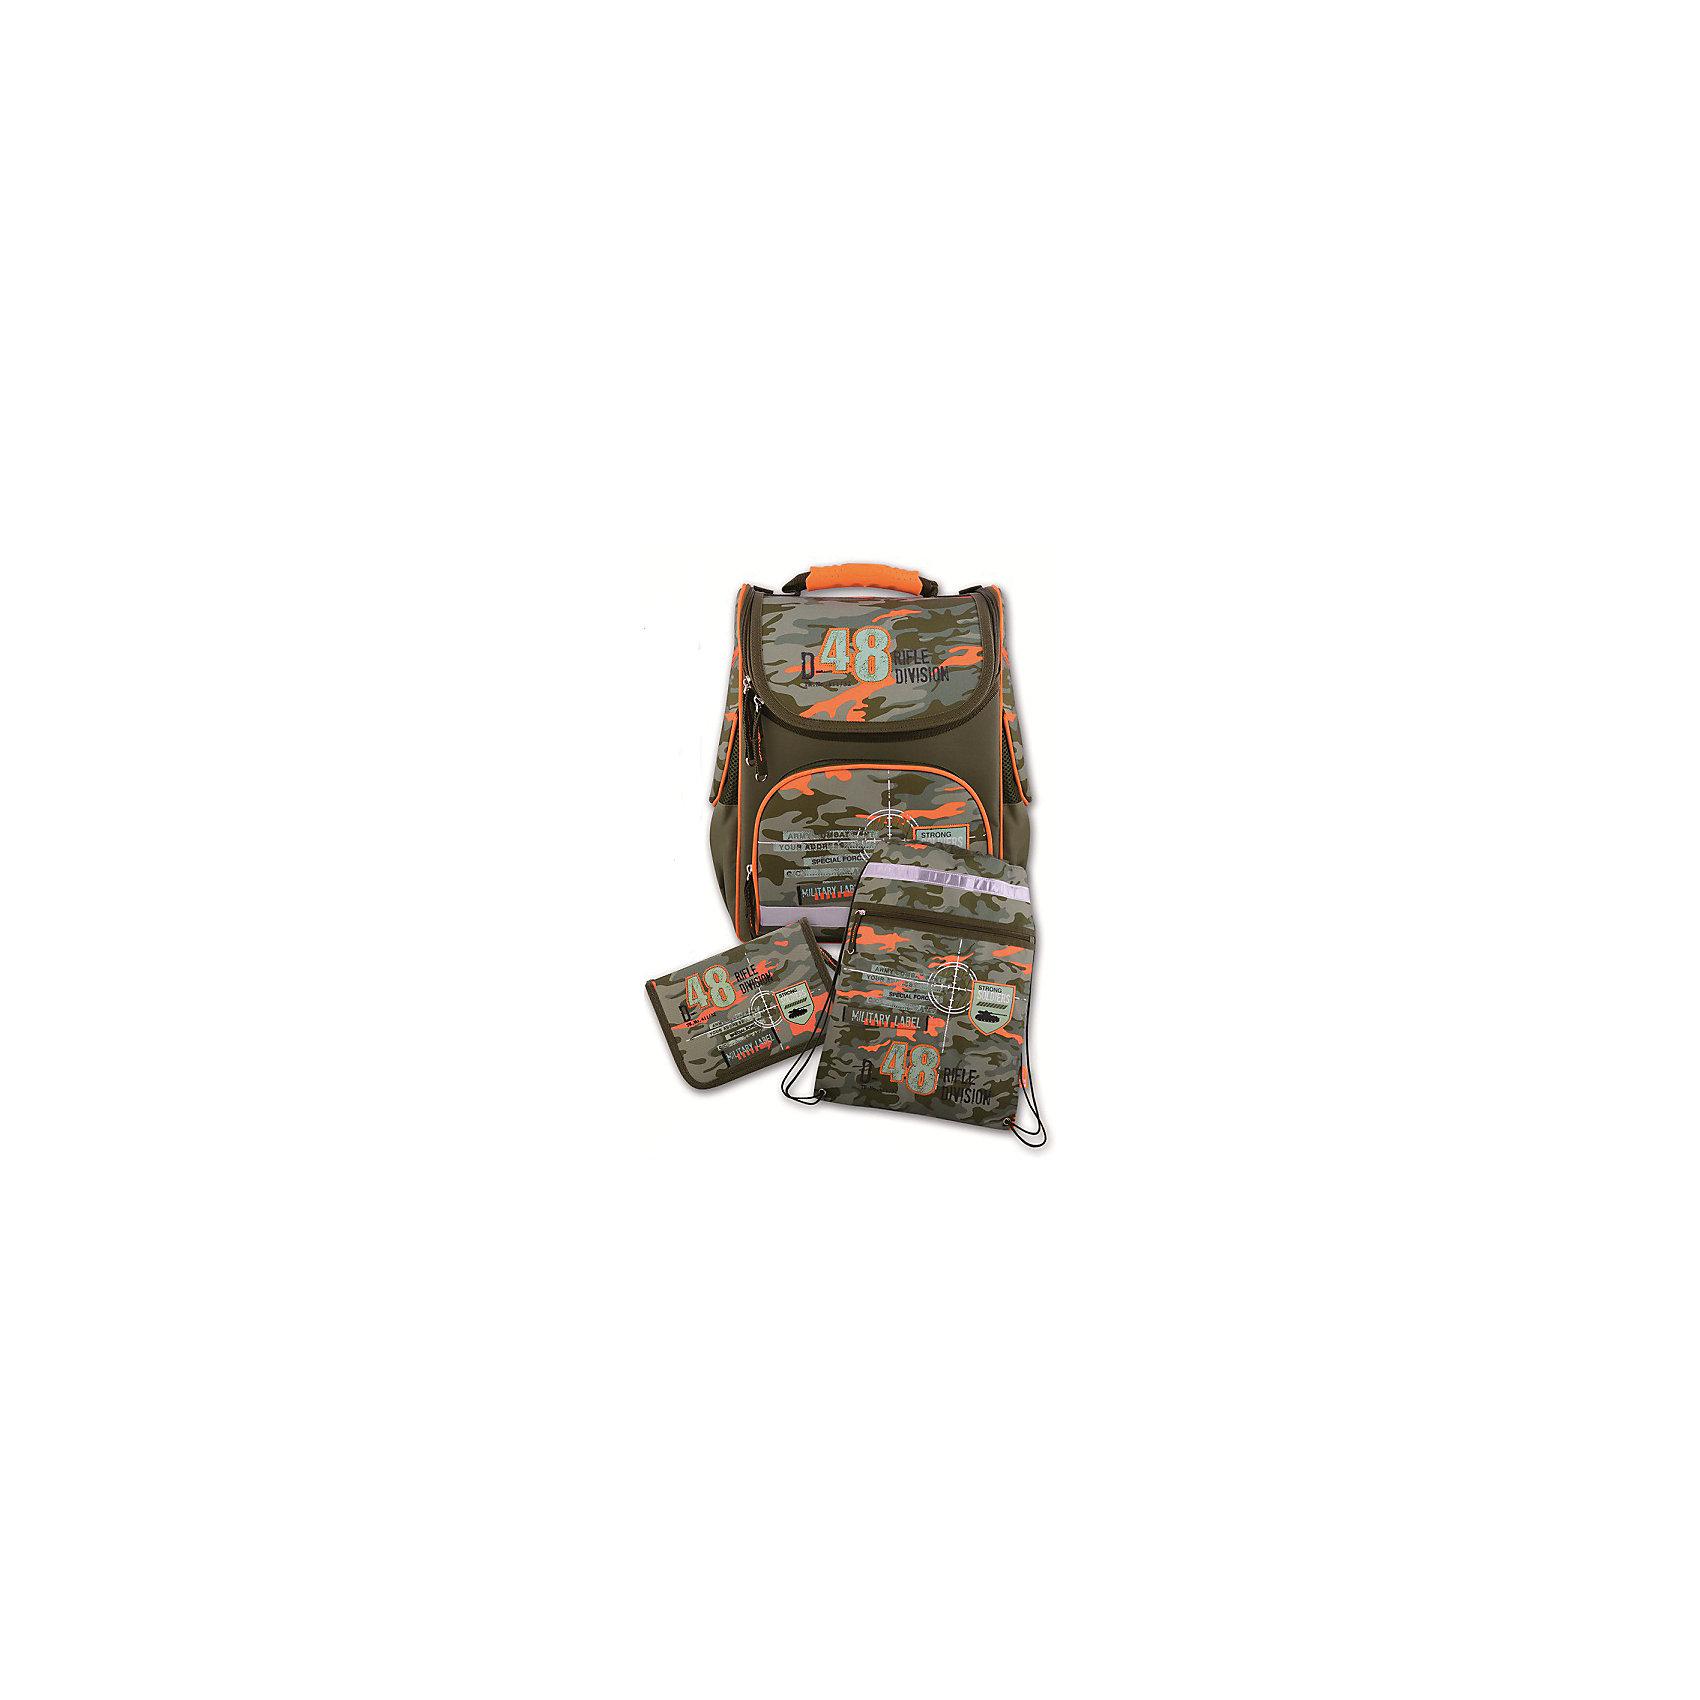 Ранец с наполнением Стиль милитари Феникс+,Ранцы<br>Набор для школьника СТИЛЬ МИЛИТАРИ (ранец, пенал (без наполнения), мешок для обуви в подарочной картонной коробке с ПВХ-окошком (полиэстер): (ранец: 35x26x15см,  пенал: 20x13.5x3.5см, мешок для обуви: 36x48см)<br><br>Ширина мм: 300<br>Глубина мм: 190<br>Высота мм: 370<br>Вес г: 1835<br>Возраст от месяцев: 72<br>Возраст до месяцев: 2147483647<br>Пол: Унисекс<br>Возраст: Детский<br>SKU: 7046251